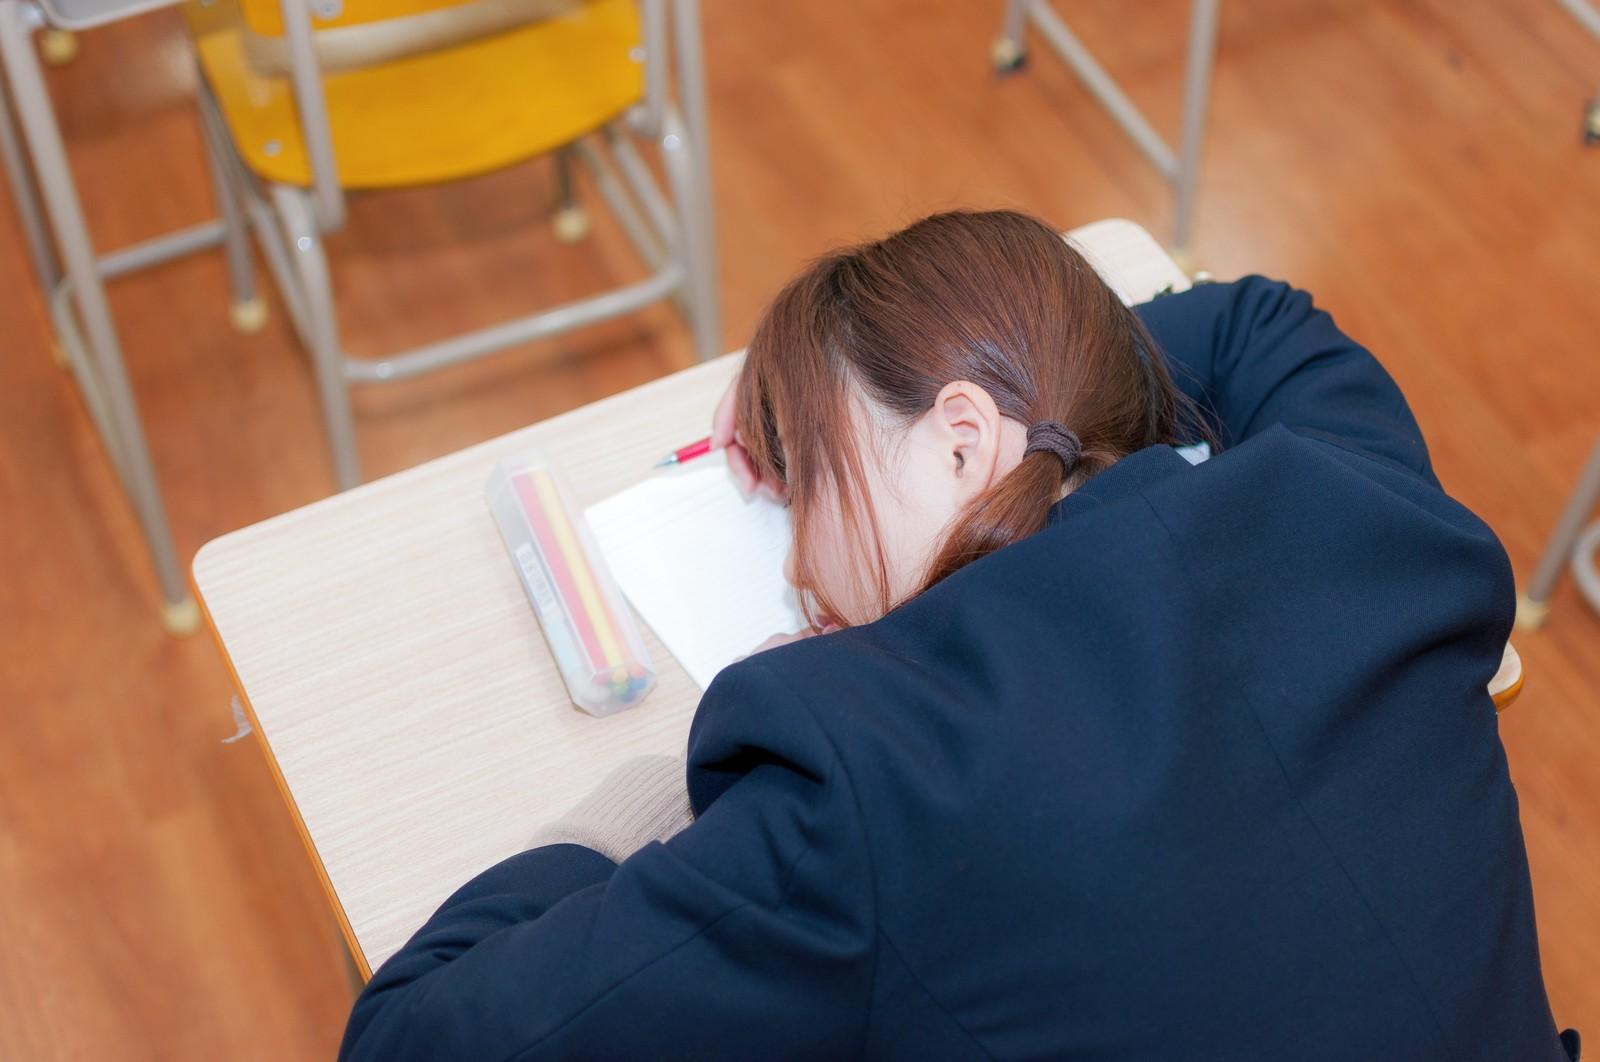 勉強の姿勢が悪いことによる悪影響